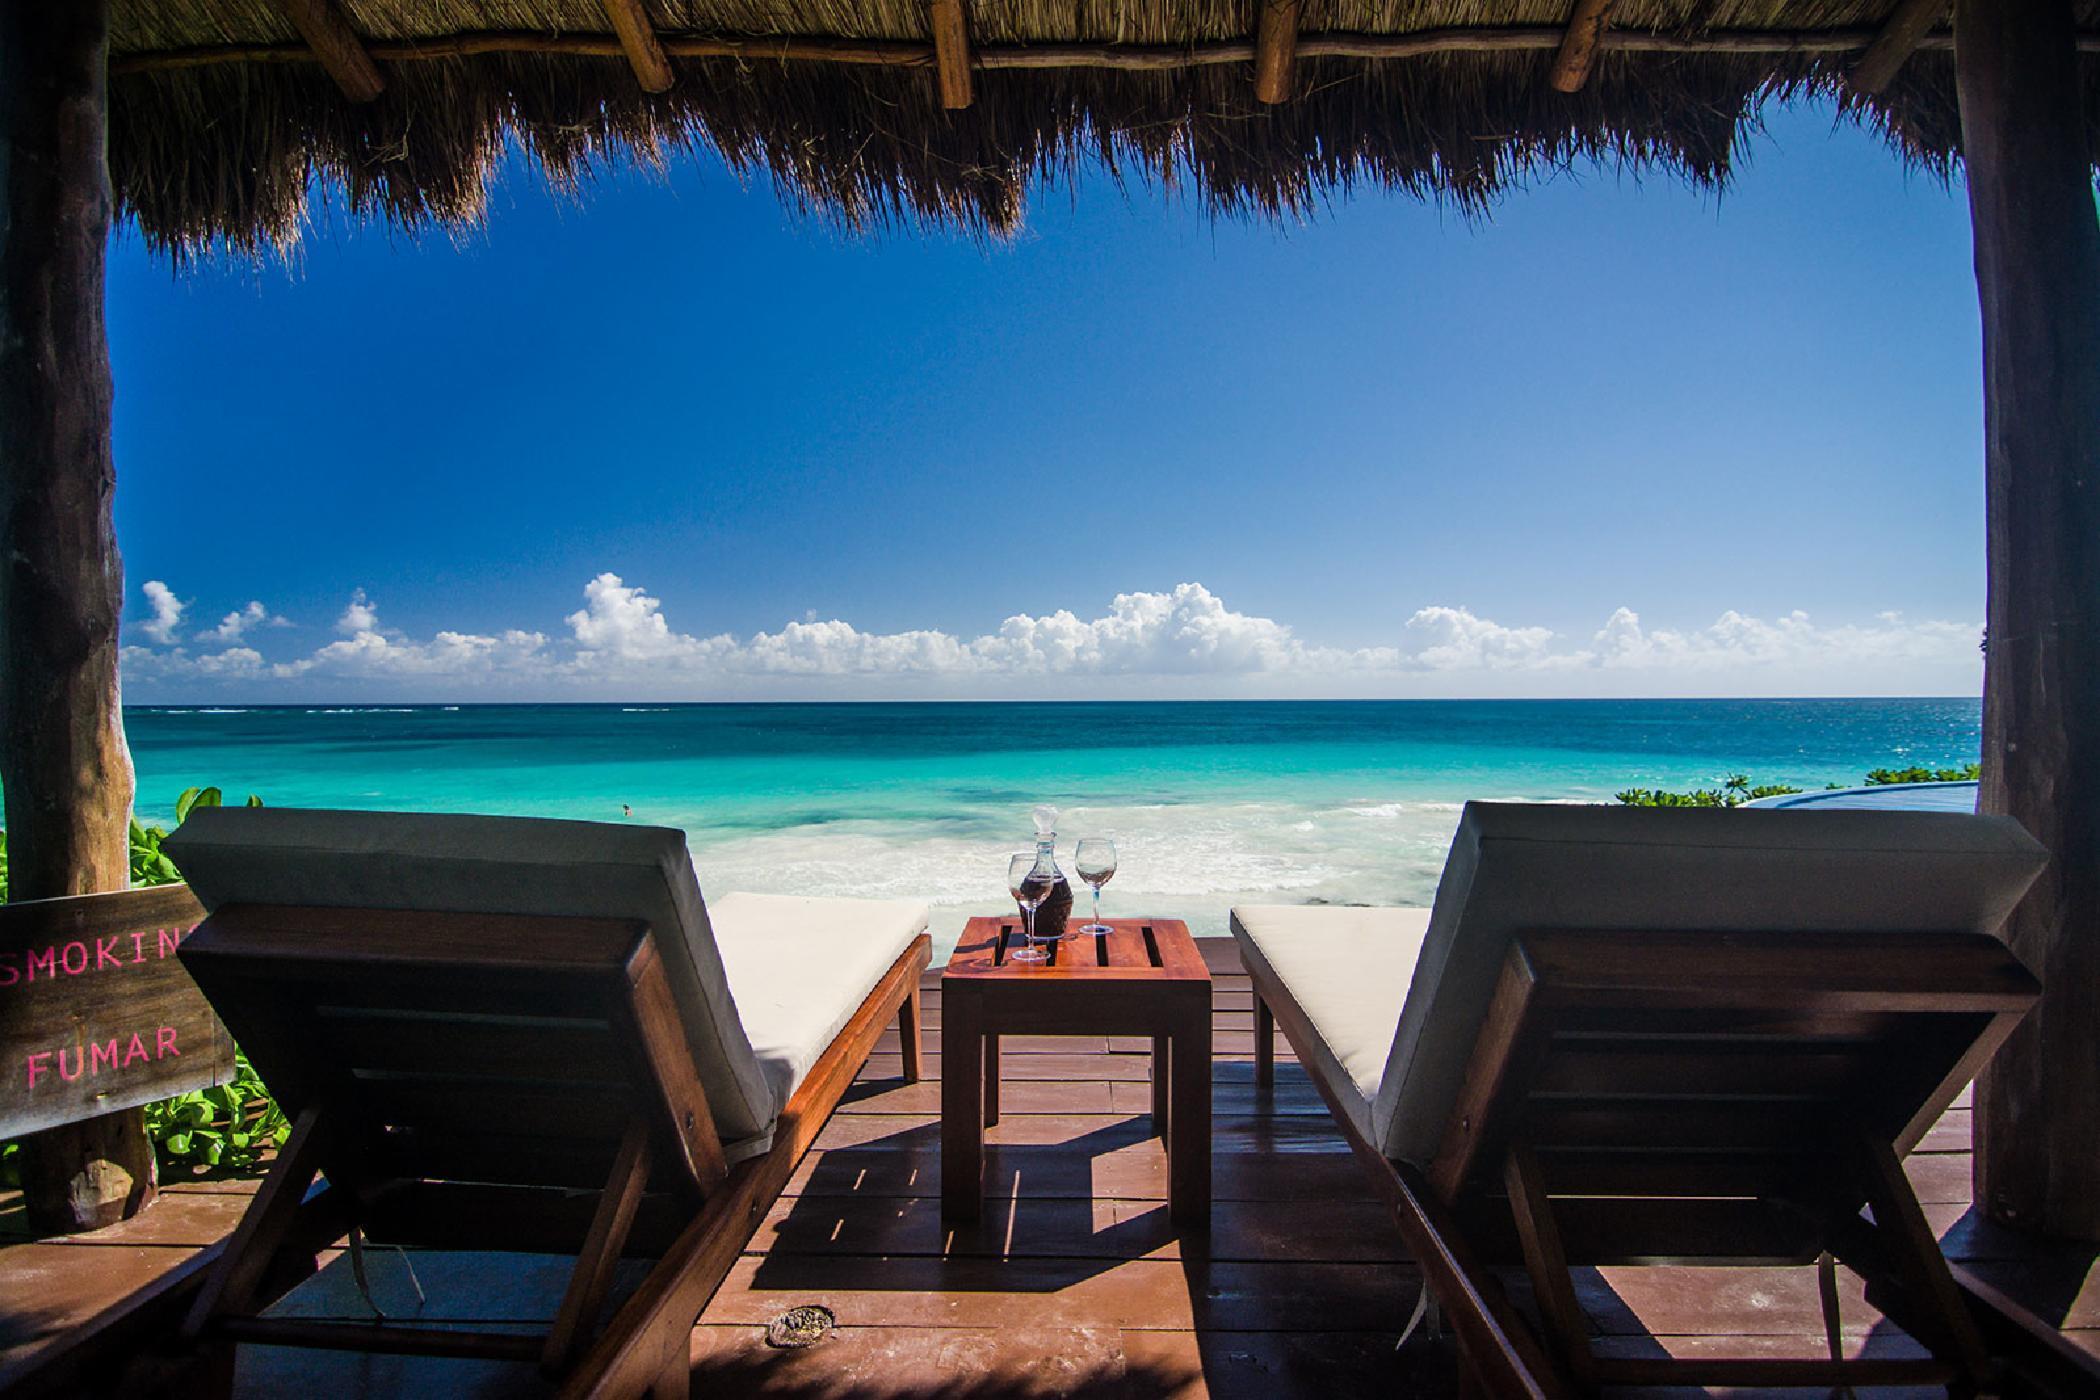 Maya_Luxe_Riviera_Maya_Luxury_Villas_Experiences_Tulum_Beach_5_Bedrooms_Villa_Miramar_6.jpg